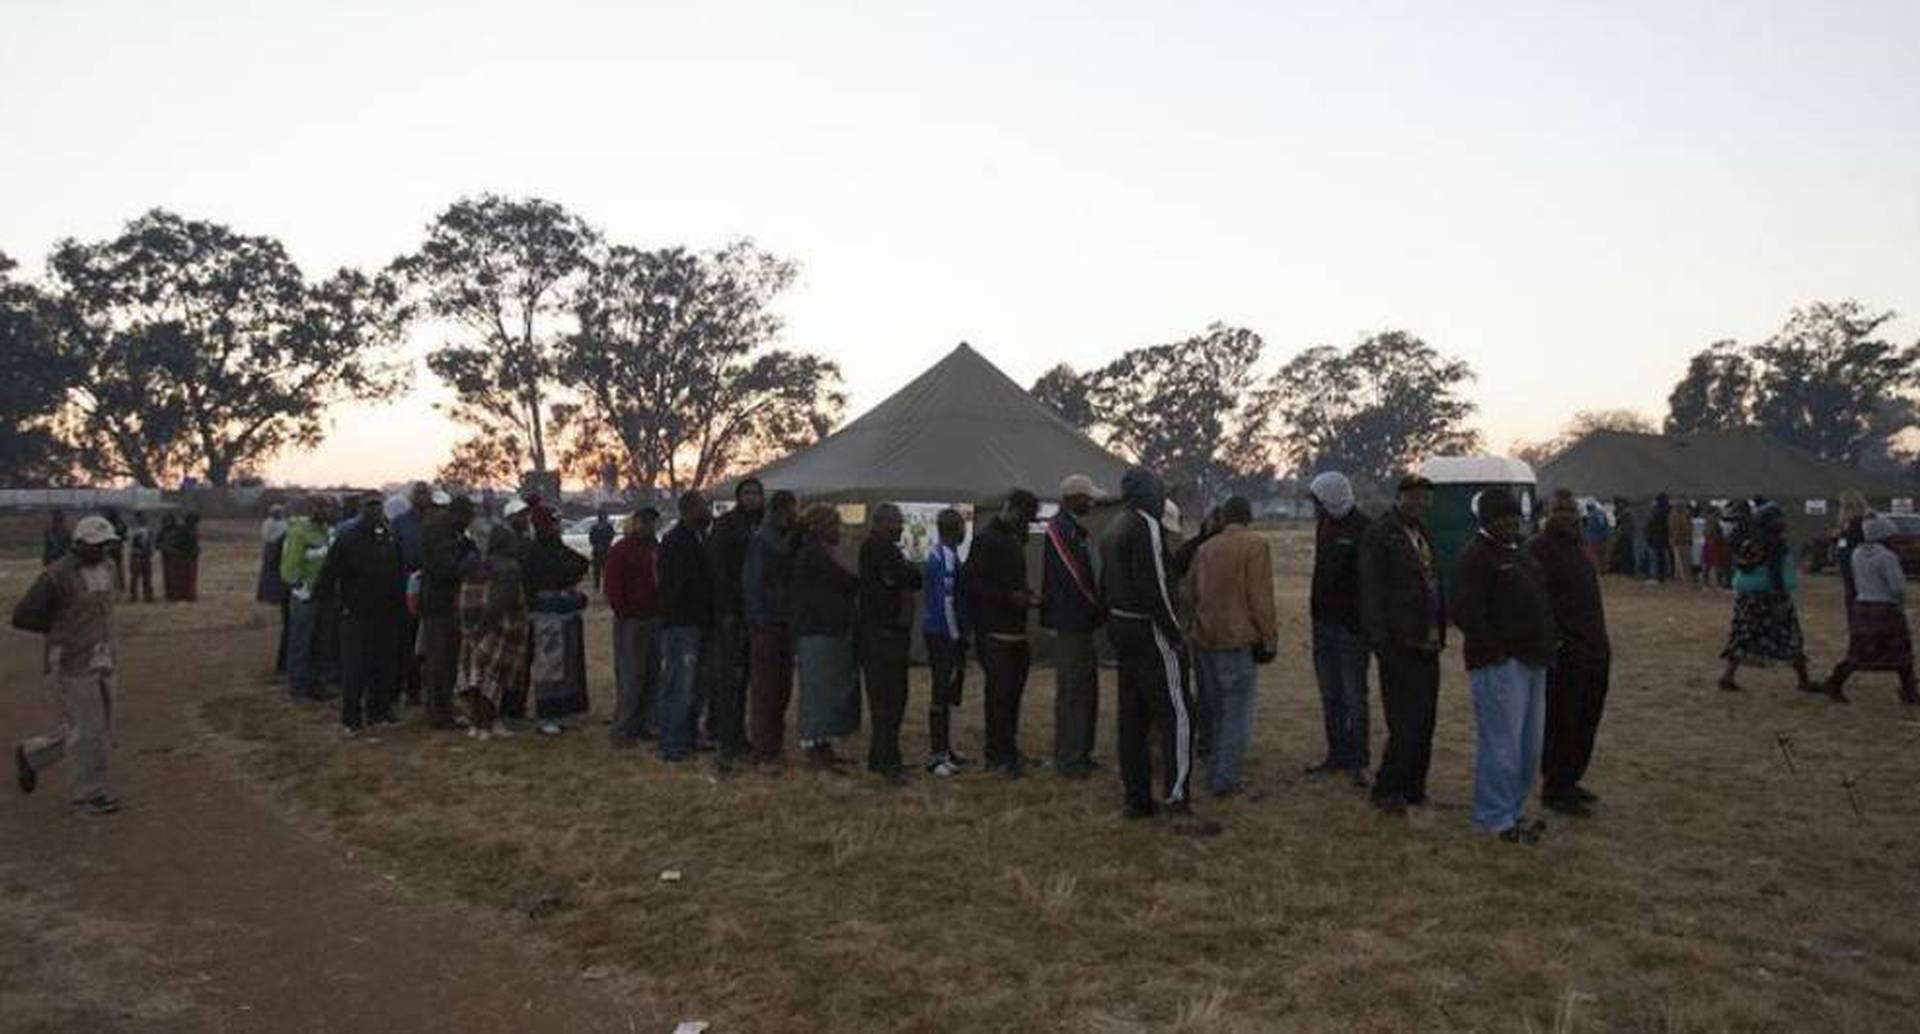 Luego de 38 años, los zimbabuenses salieron a votar por primera vez sin Robert Mugabe como candidato.